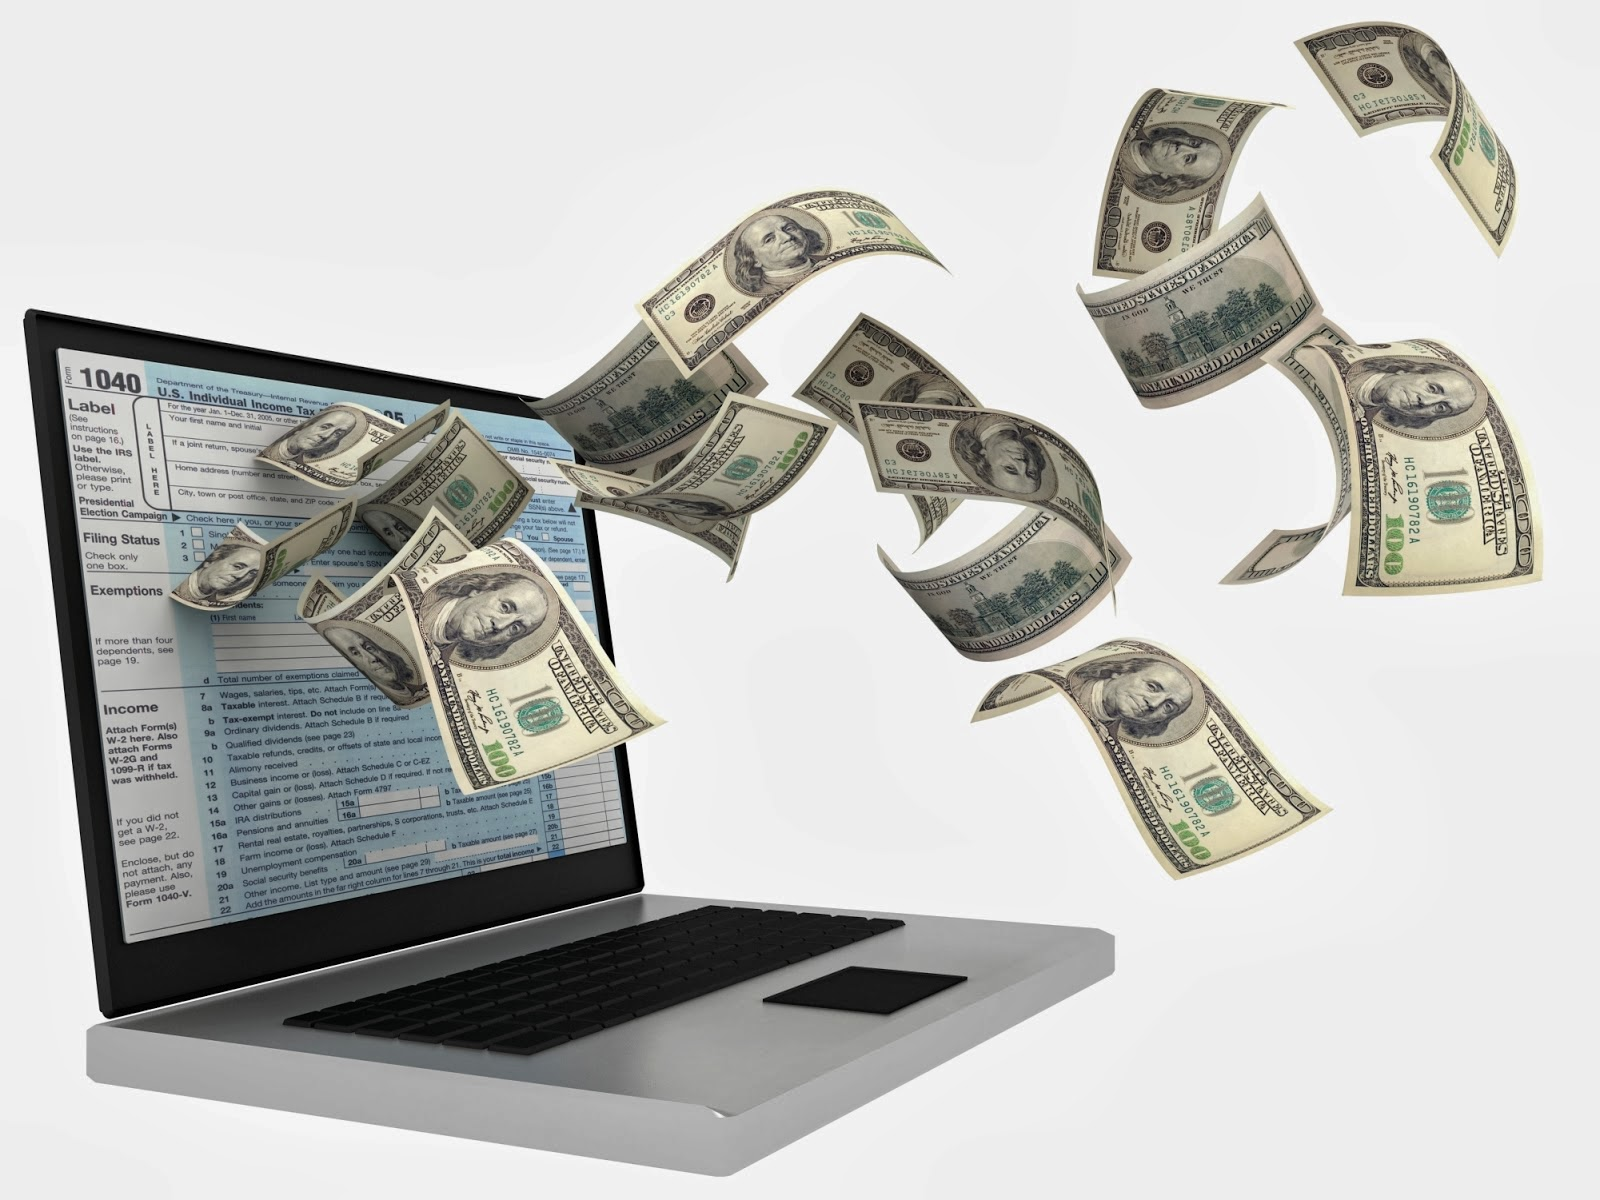 Tax Refund Faster